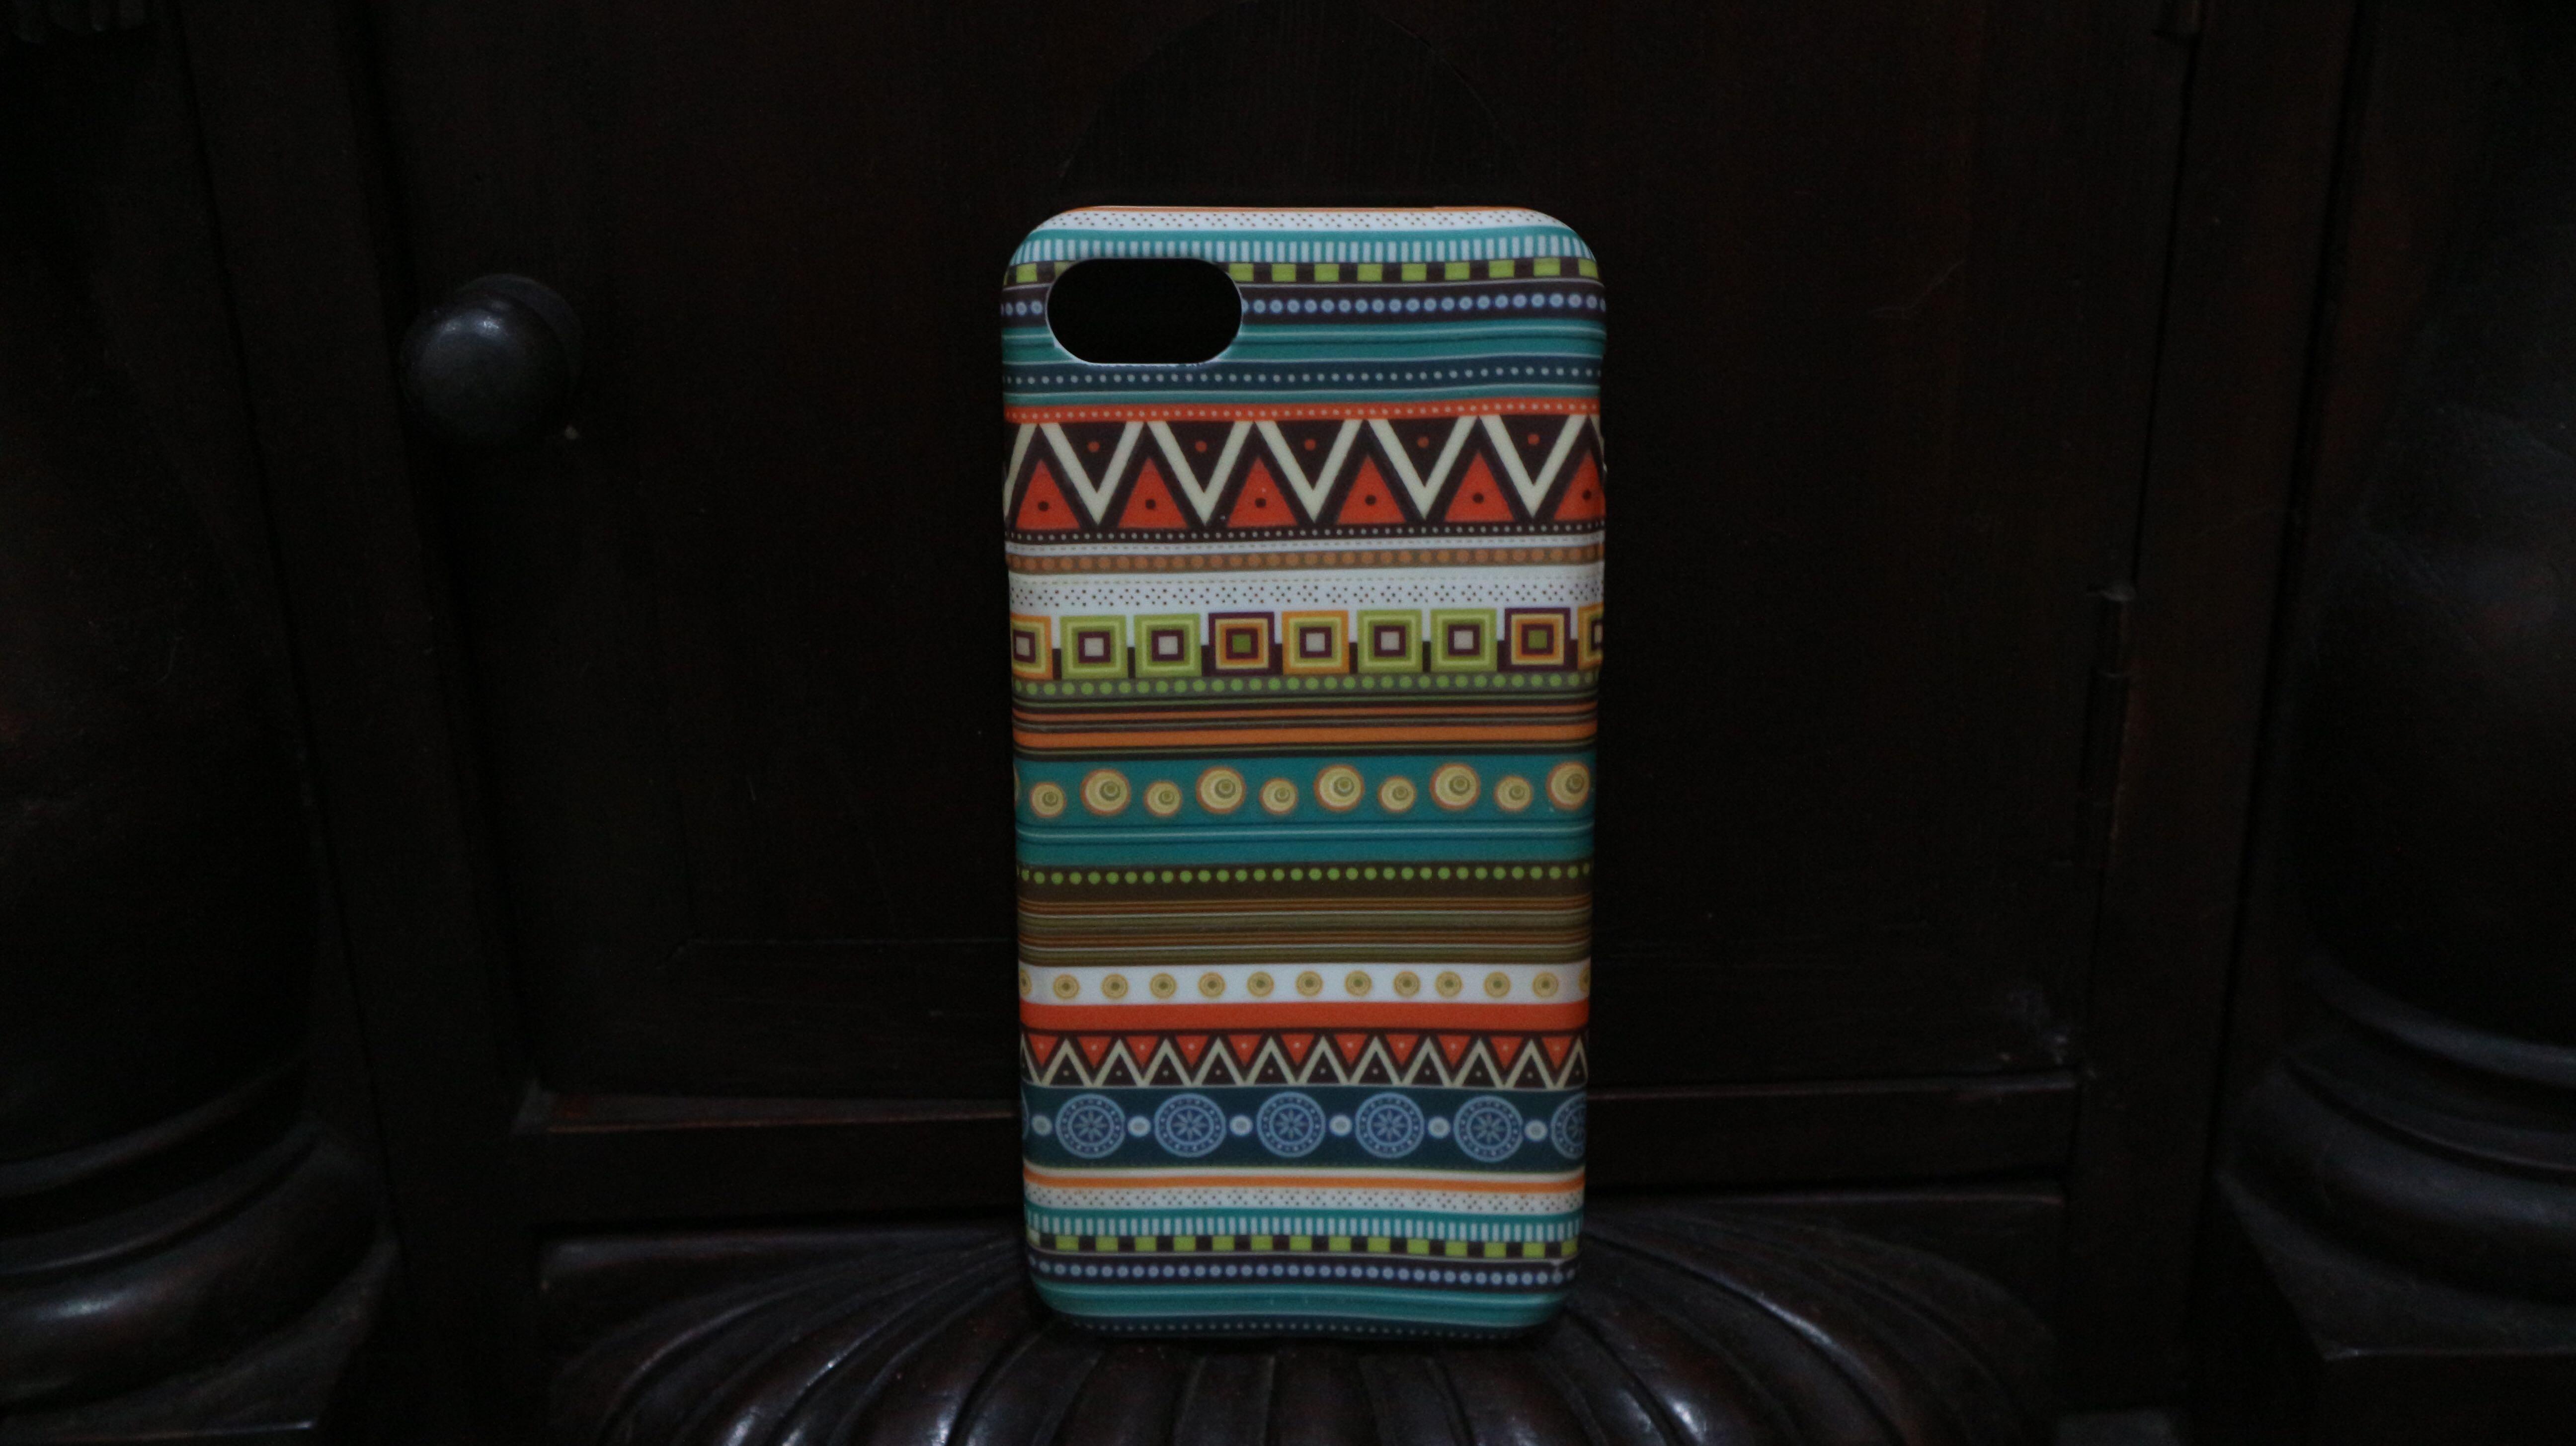 Case Iphone 7 Glowinthedark